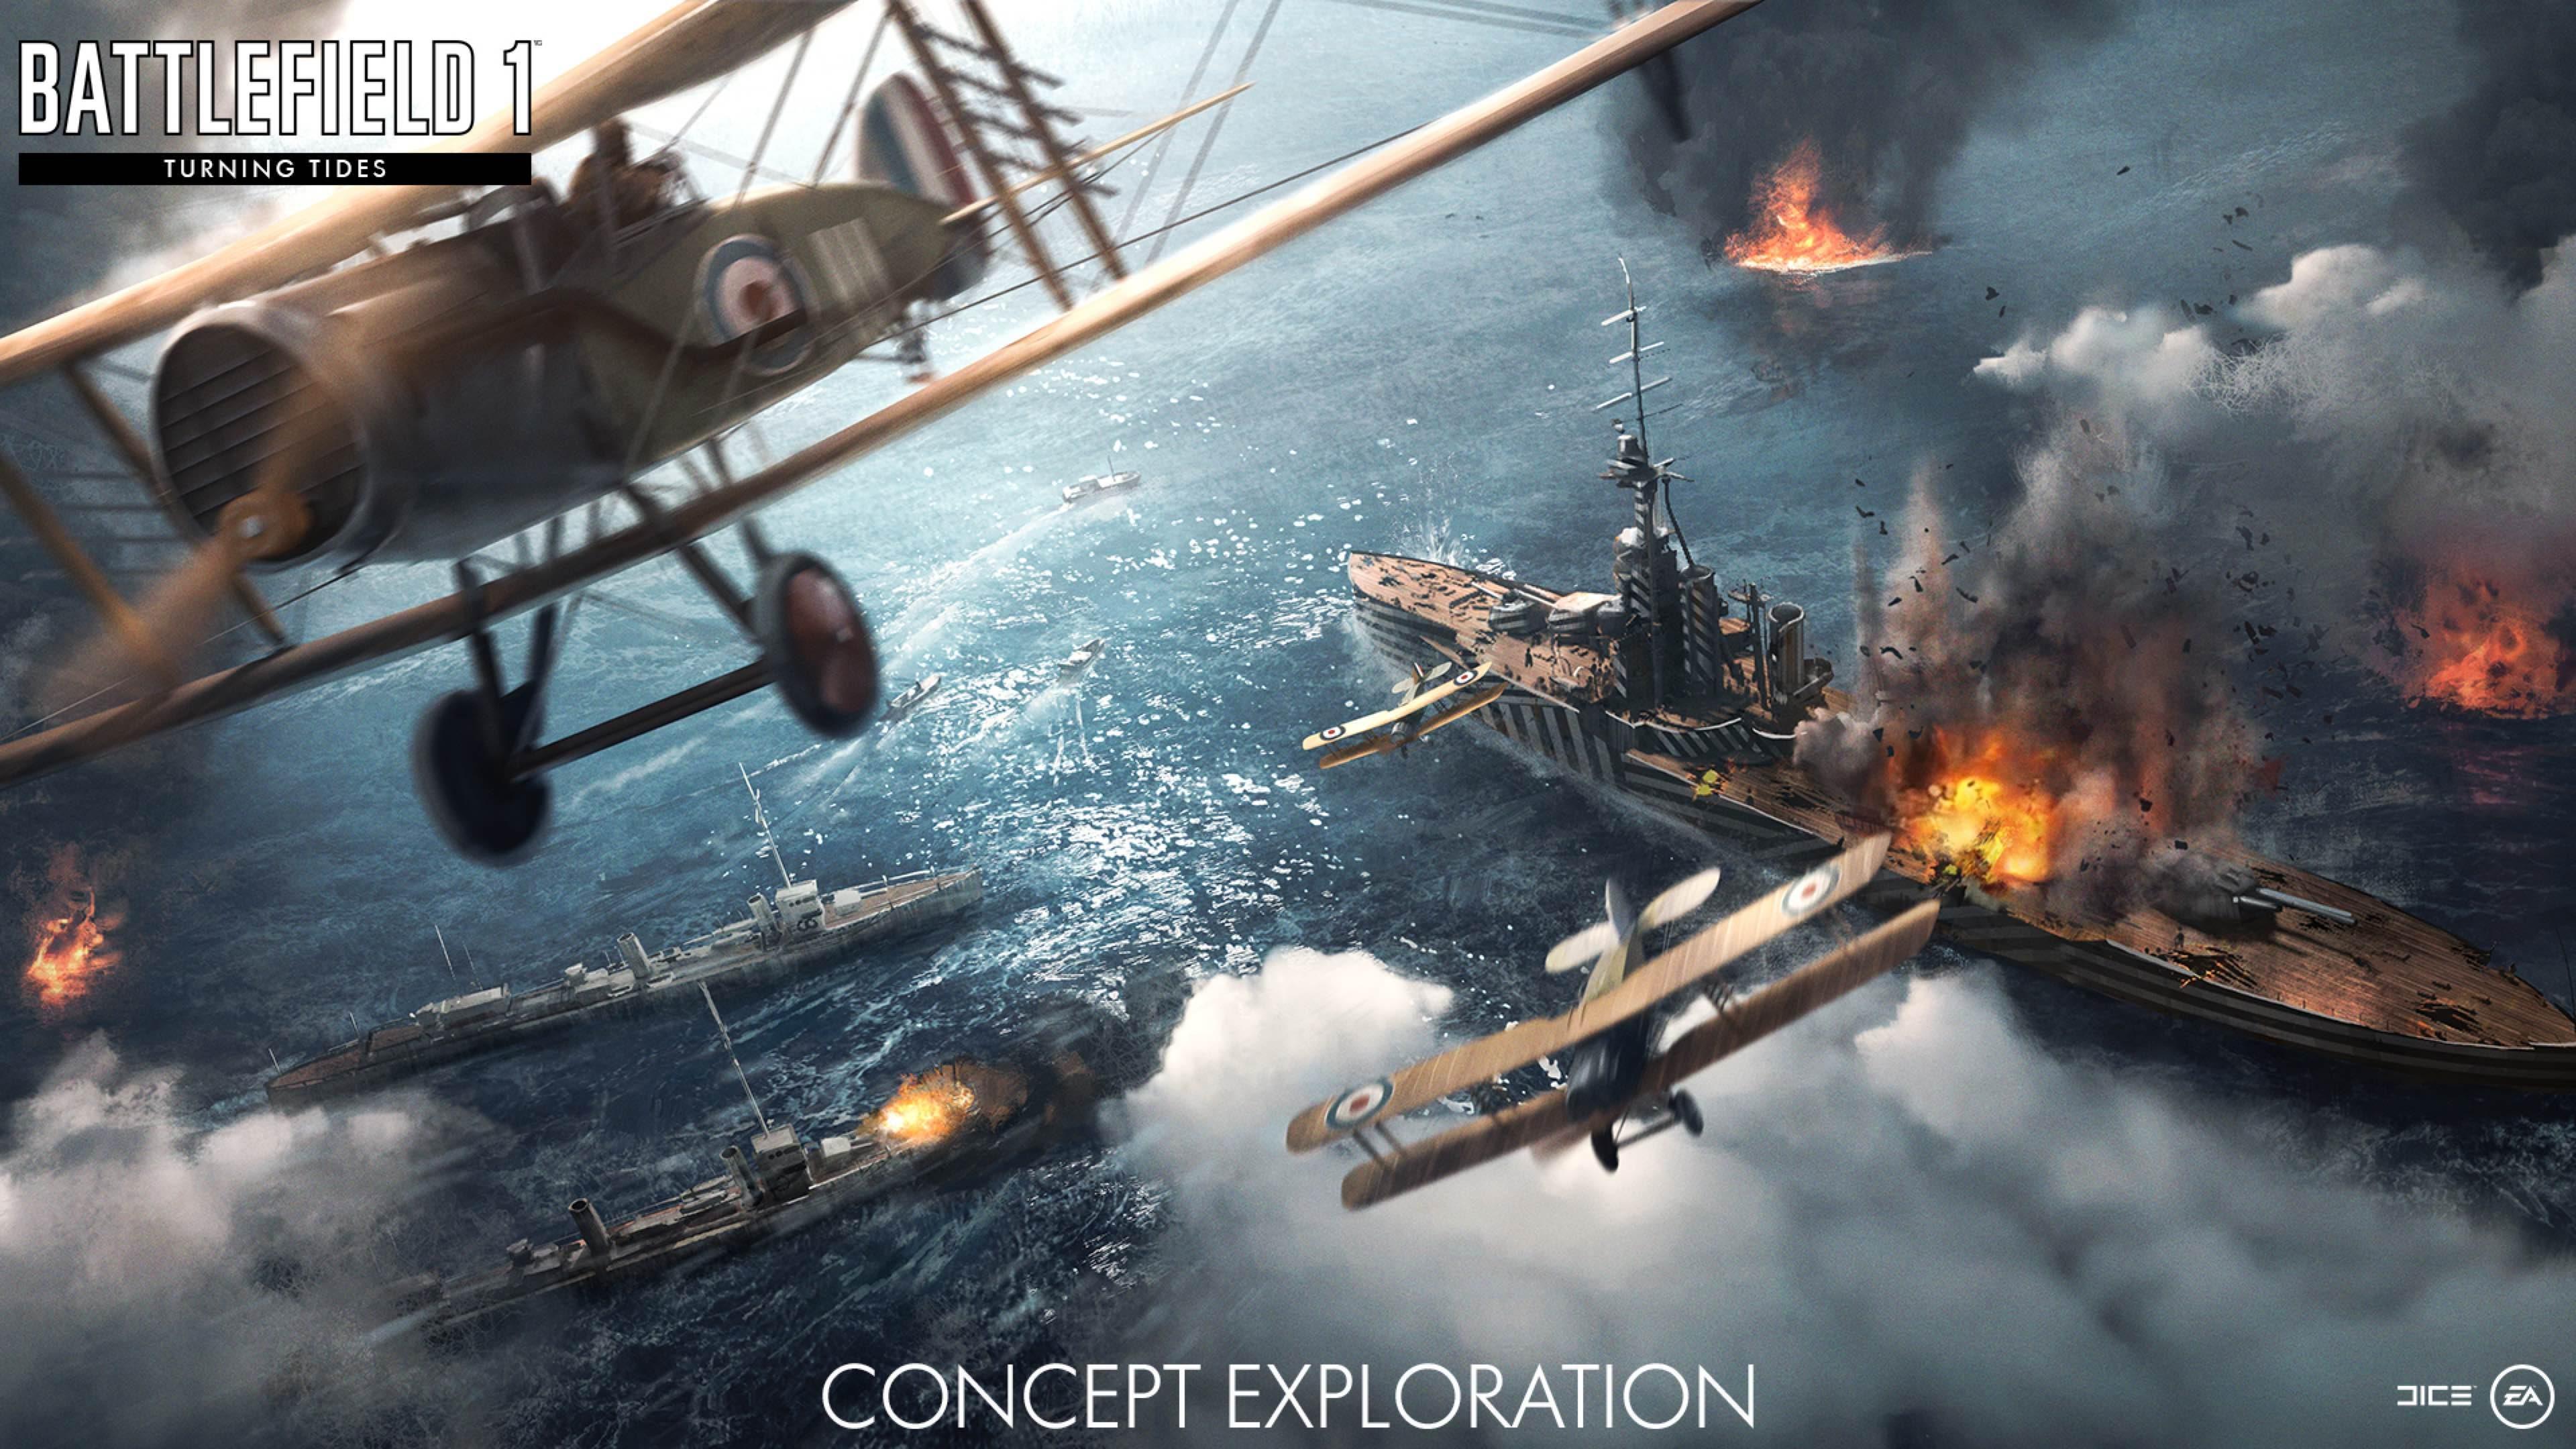 Nové koncepty přibližují první světovou válku v podání expanze Battlefield 1: Turning Tides 151678